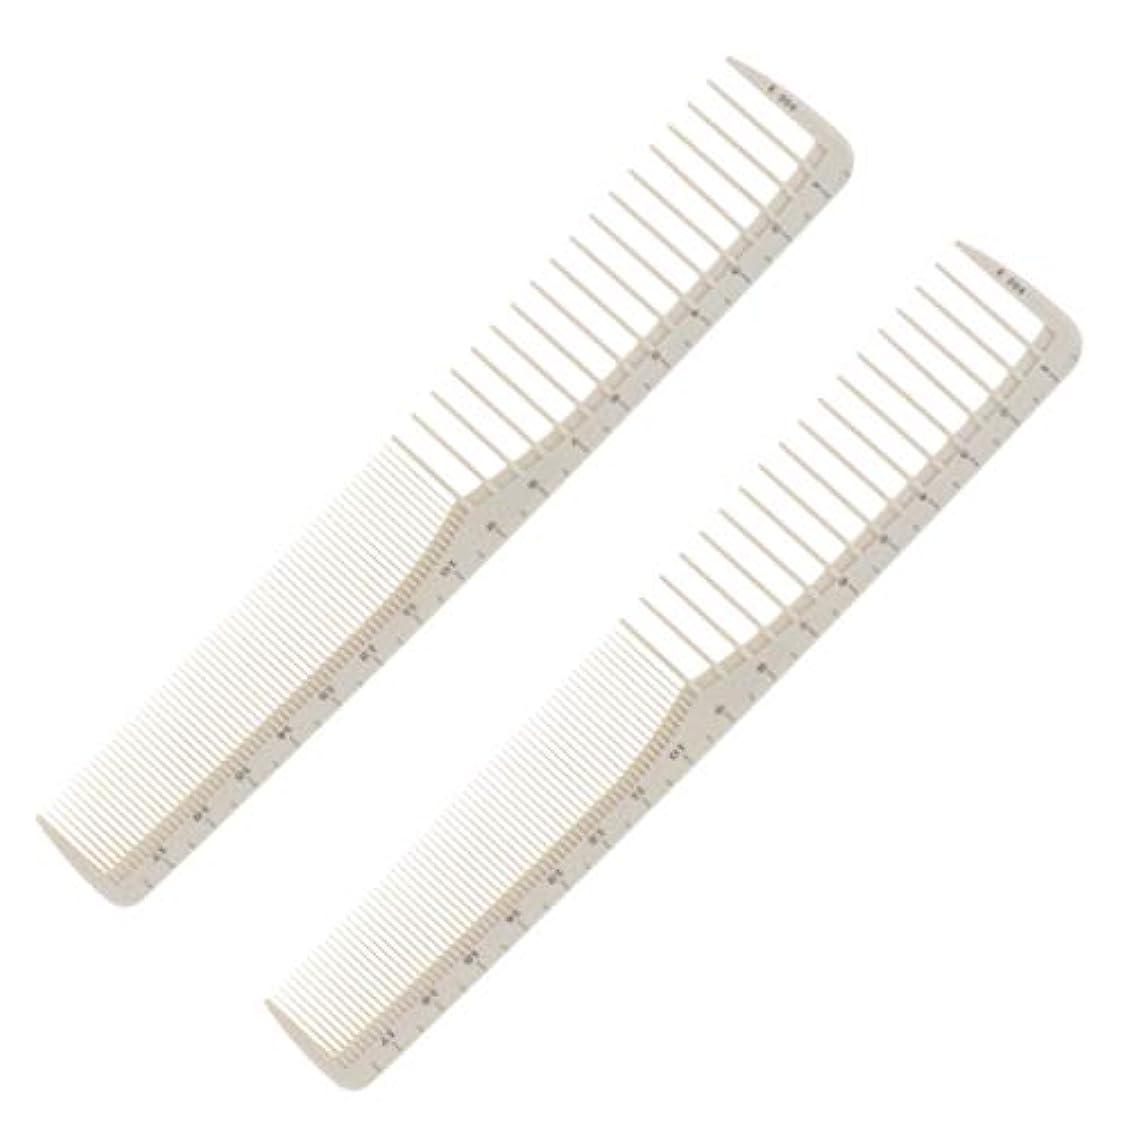 一致スコットランド人段階樹脂 コーム 髪櫛 ヘアカットコーム 低静電気 耐熱性 軽量 サロン 家庭用 スケール付き 2本入り